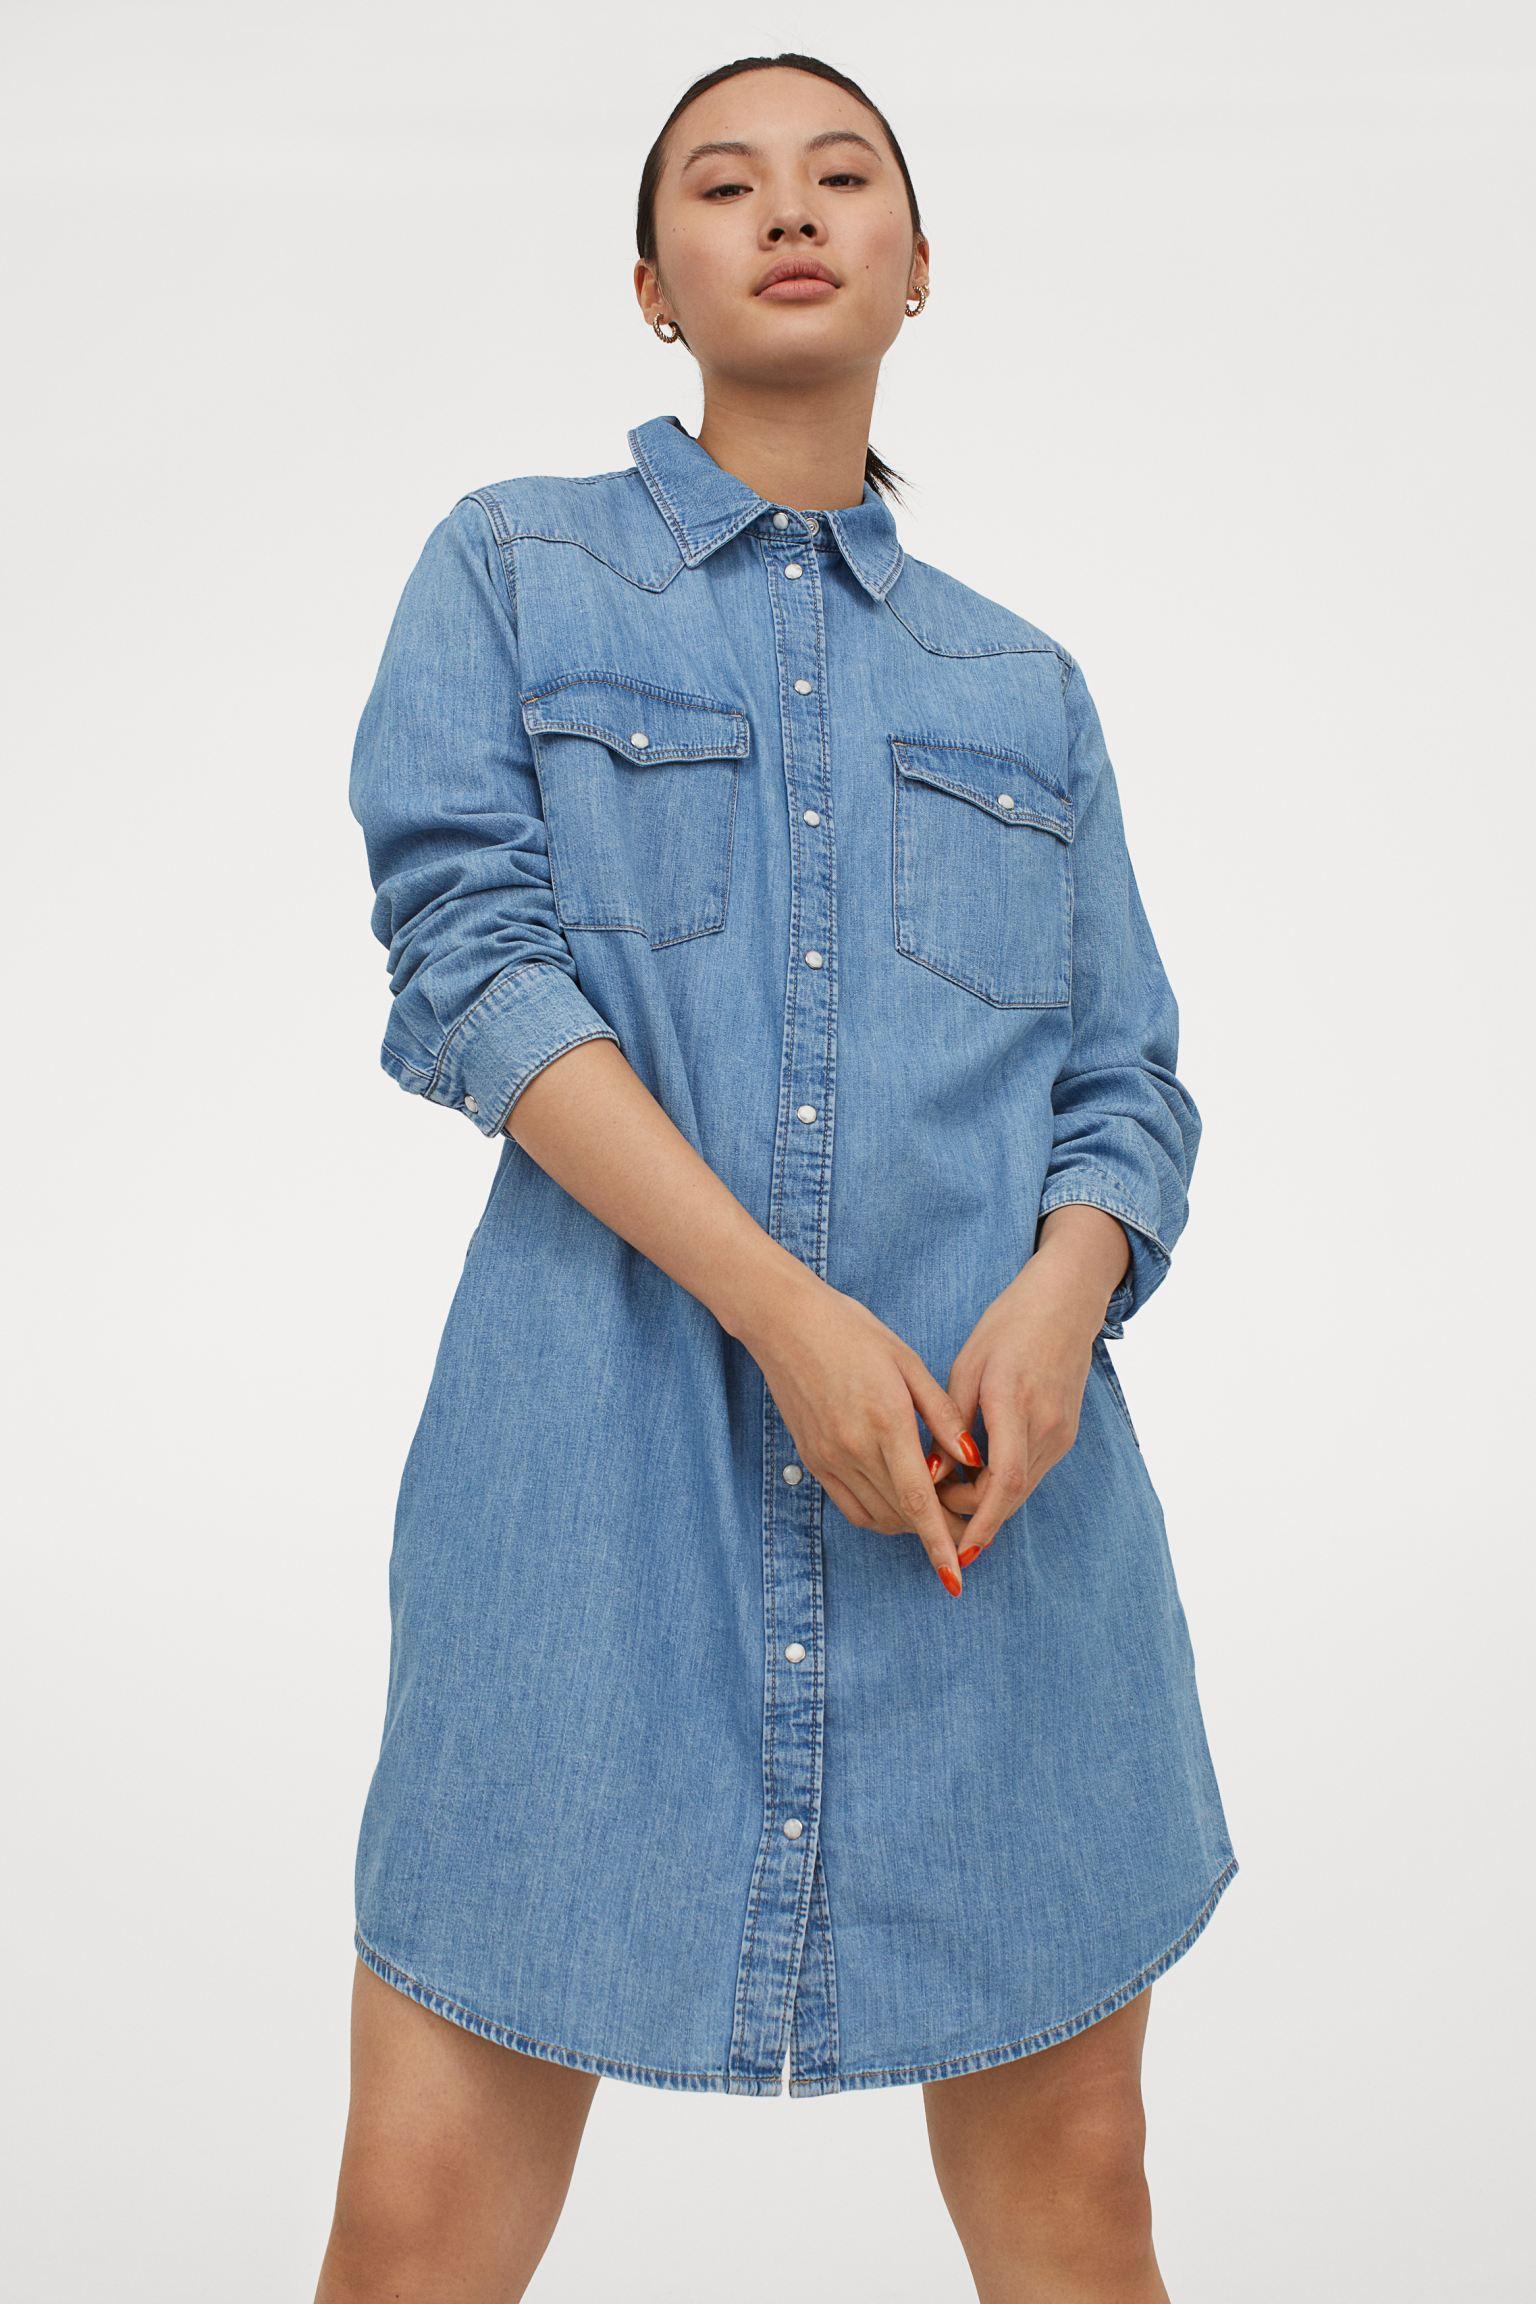 Vestido camisero corto en denim de algodón lavado